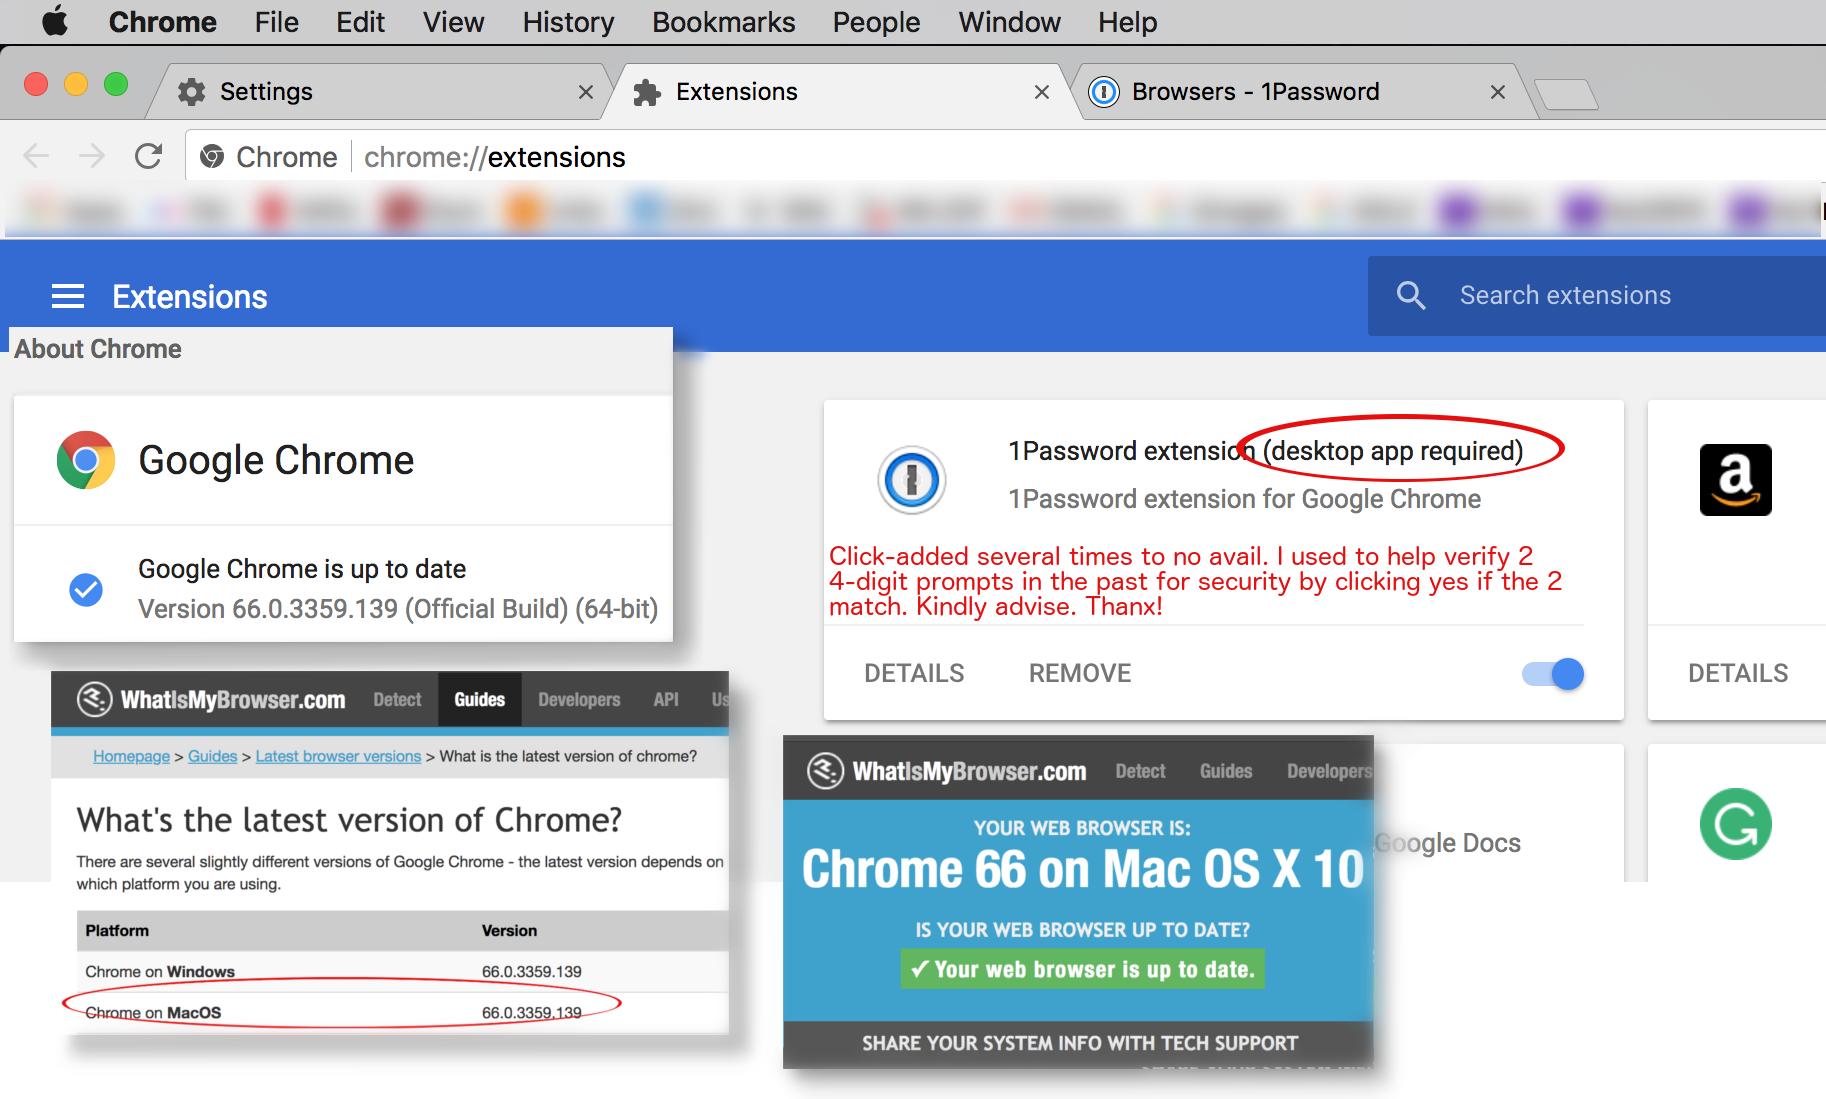 1password For Chrome Mac - dogaspen's blog